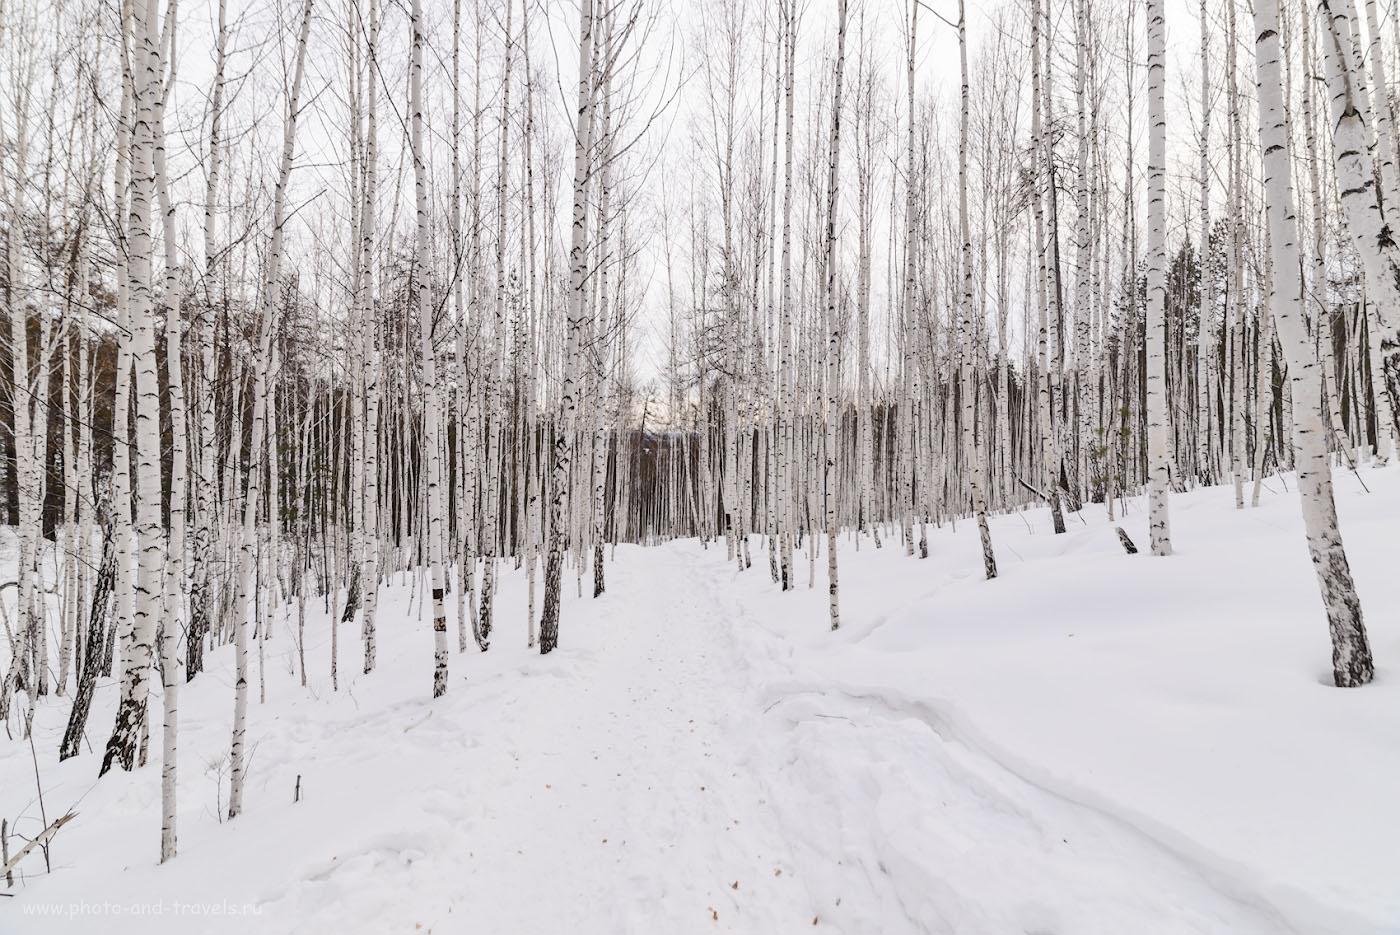 Фото 18. Березовый лес в окрестностях города Кыштым. 1/200, 8.0, 280, 14.